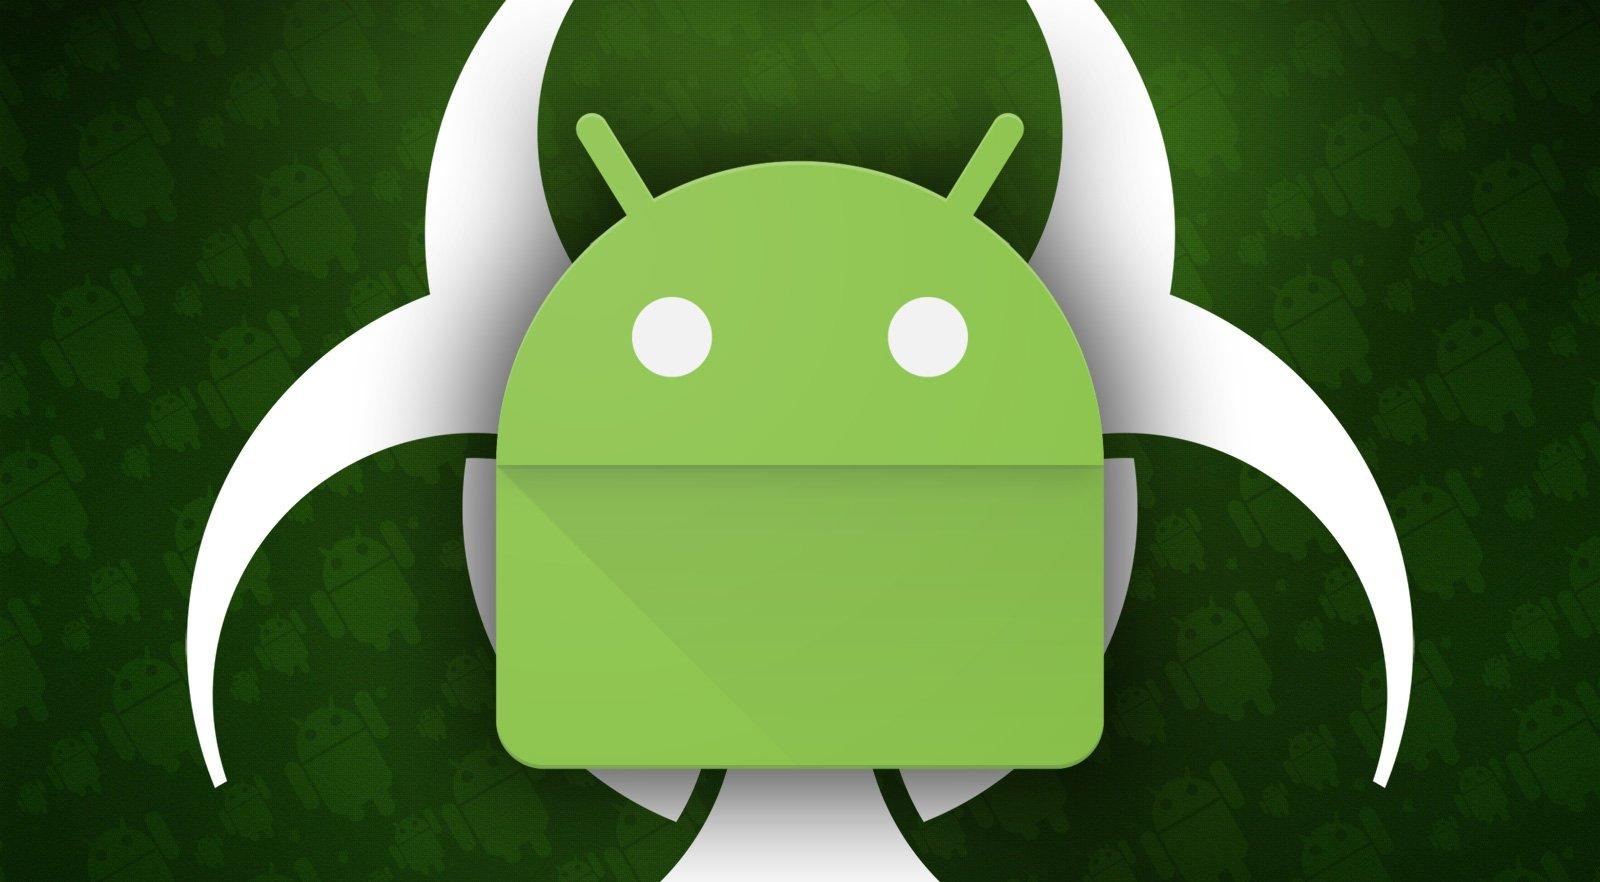 android sobre o risco de vírus e malware na play store da Google